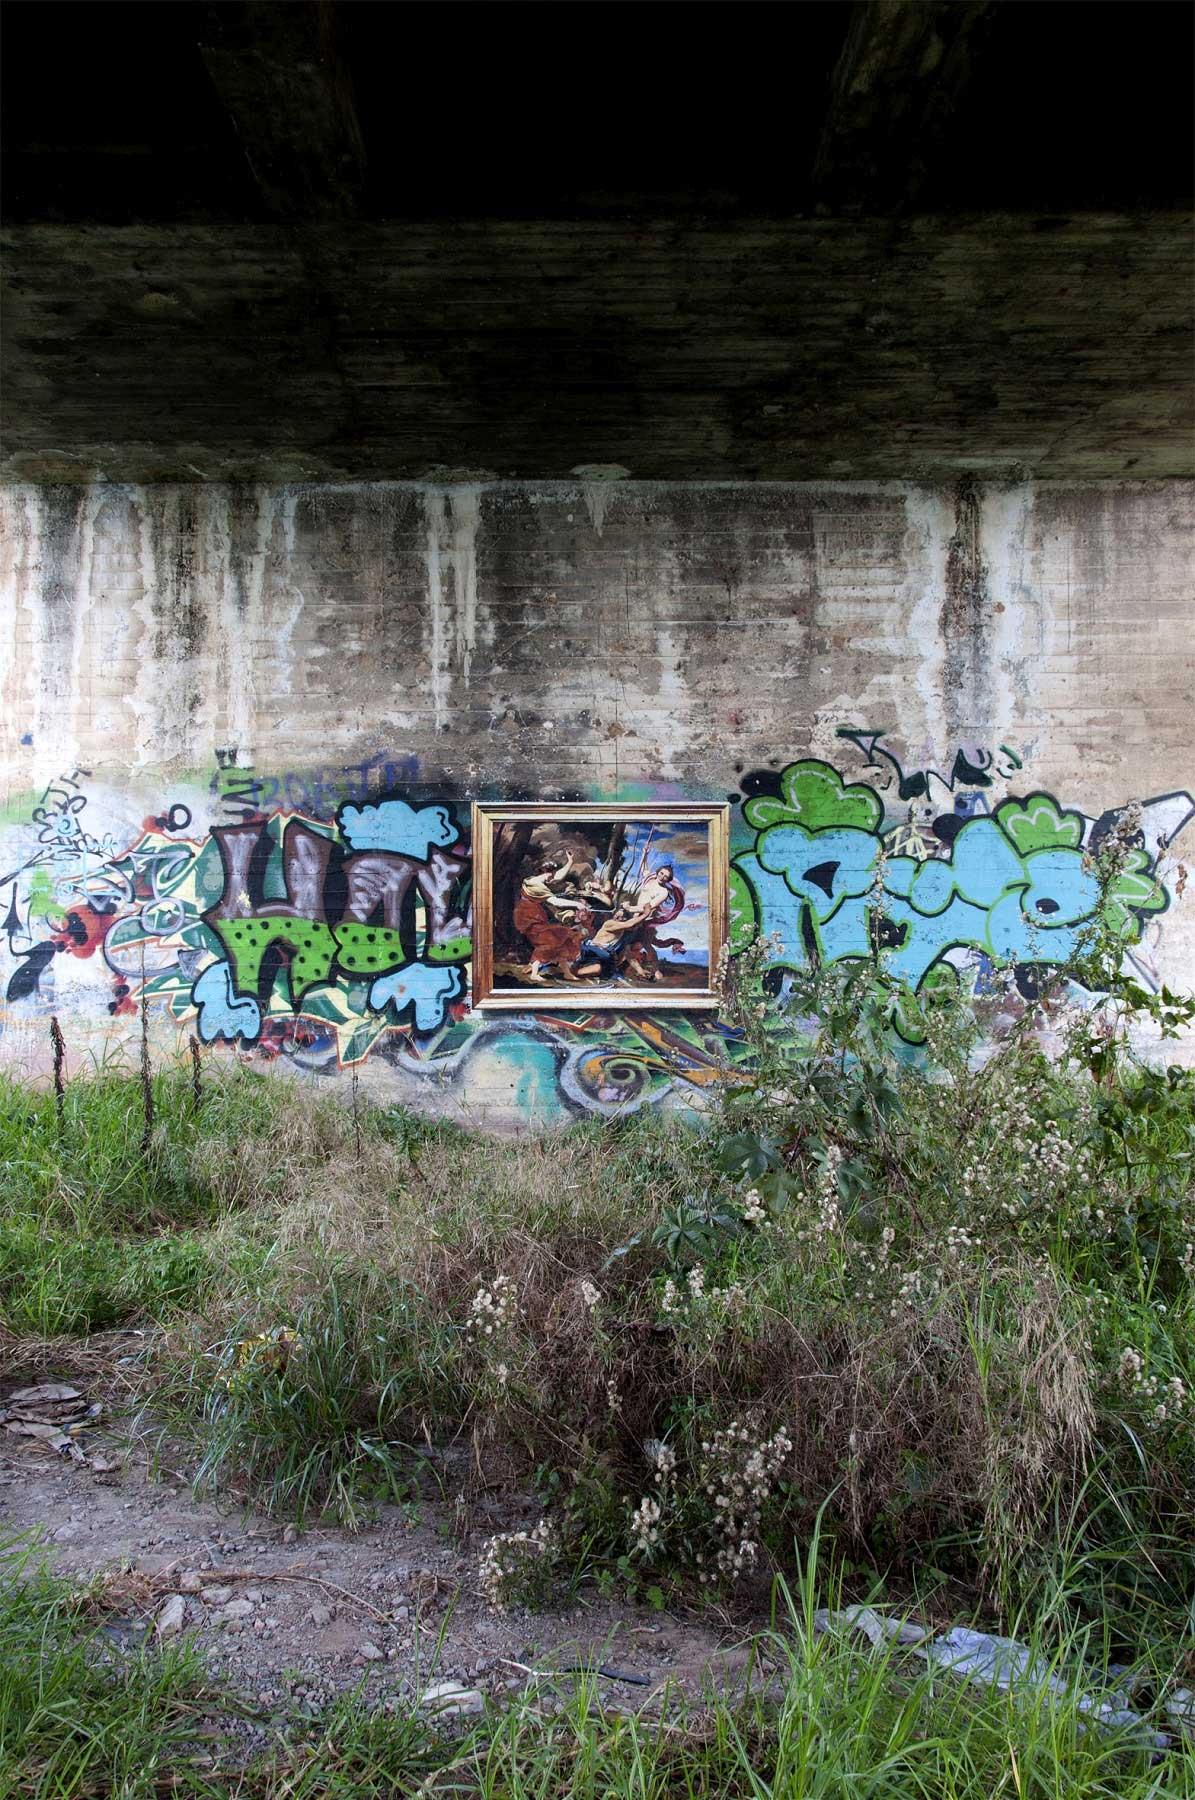 Realistische Abbilder klassischer Gemälde an öffentliche Wände gemalt Julio-Anaya-Cabanding_03